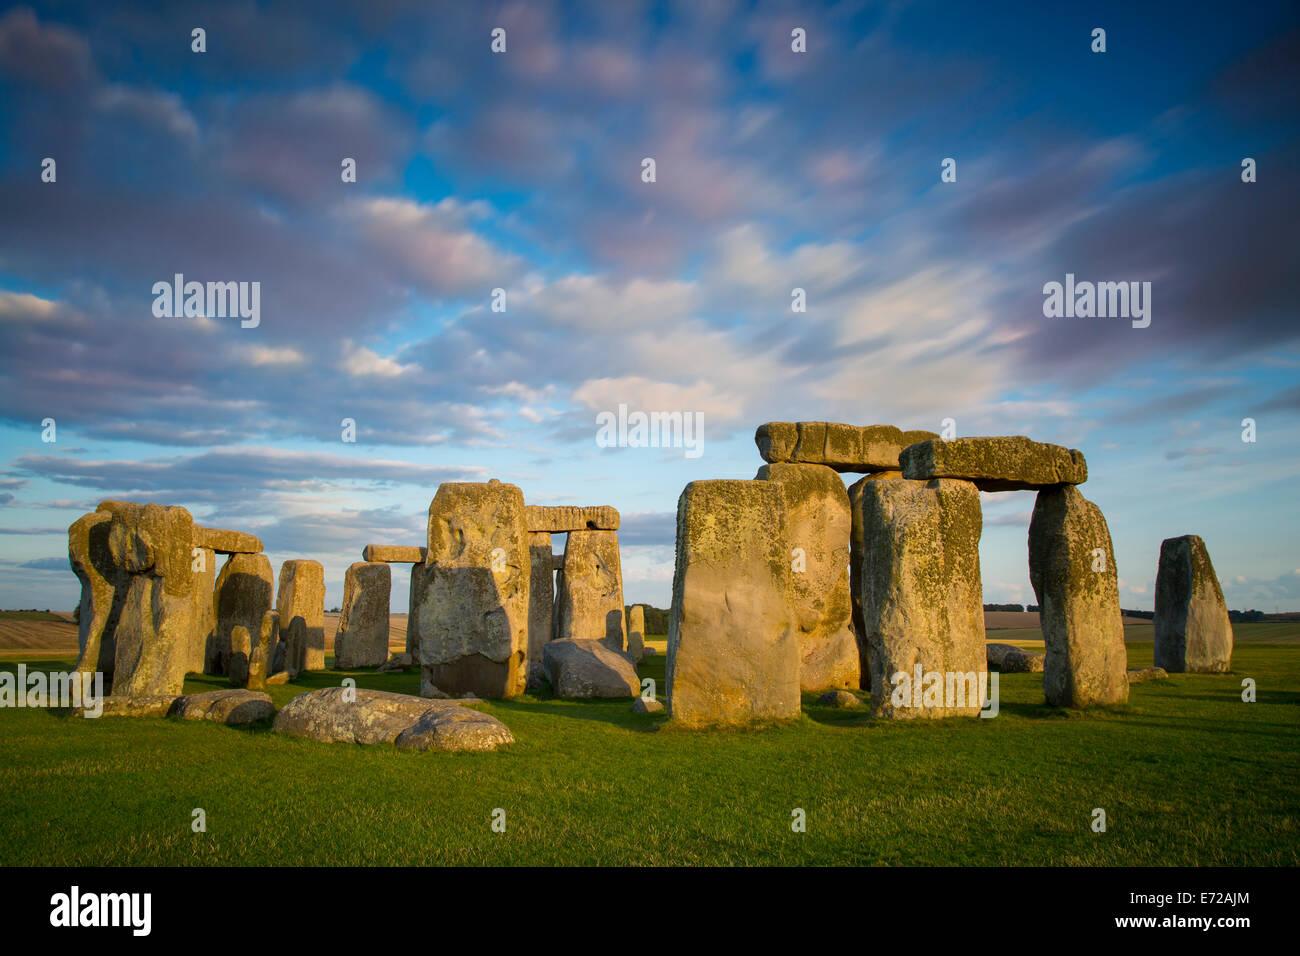 Sunset over Stonehenge, Wiltshire, England Stock Photo